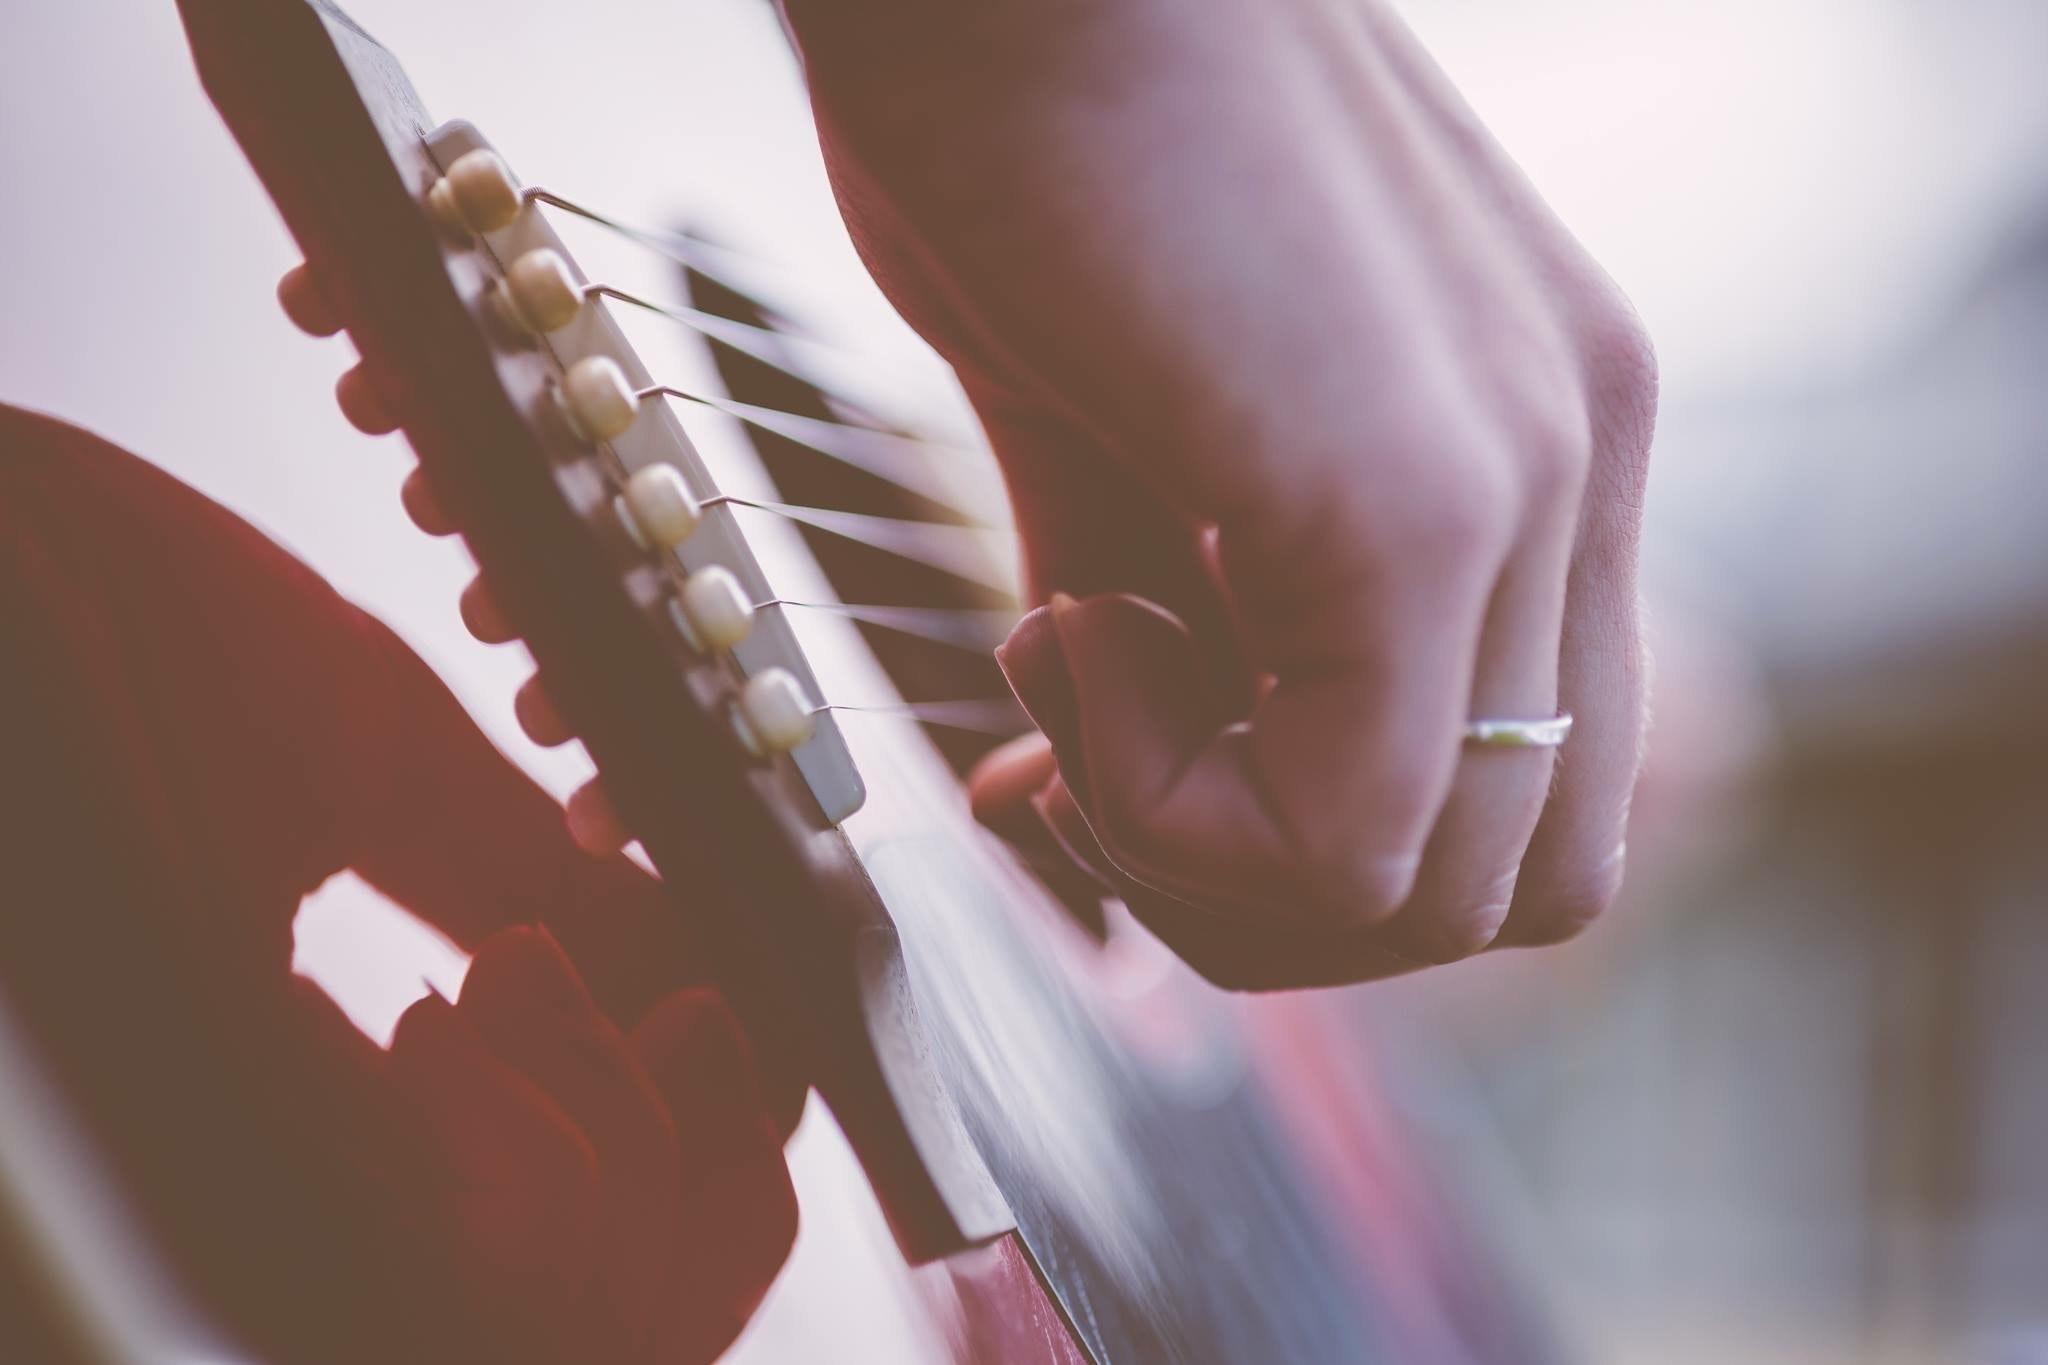 acoustic-guitar-blur-blurry-164810.jpg